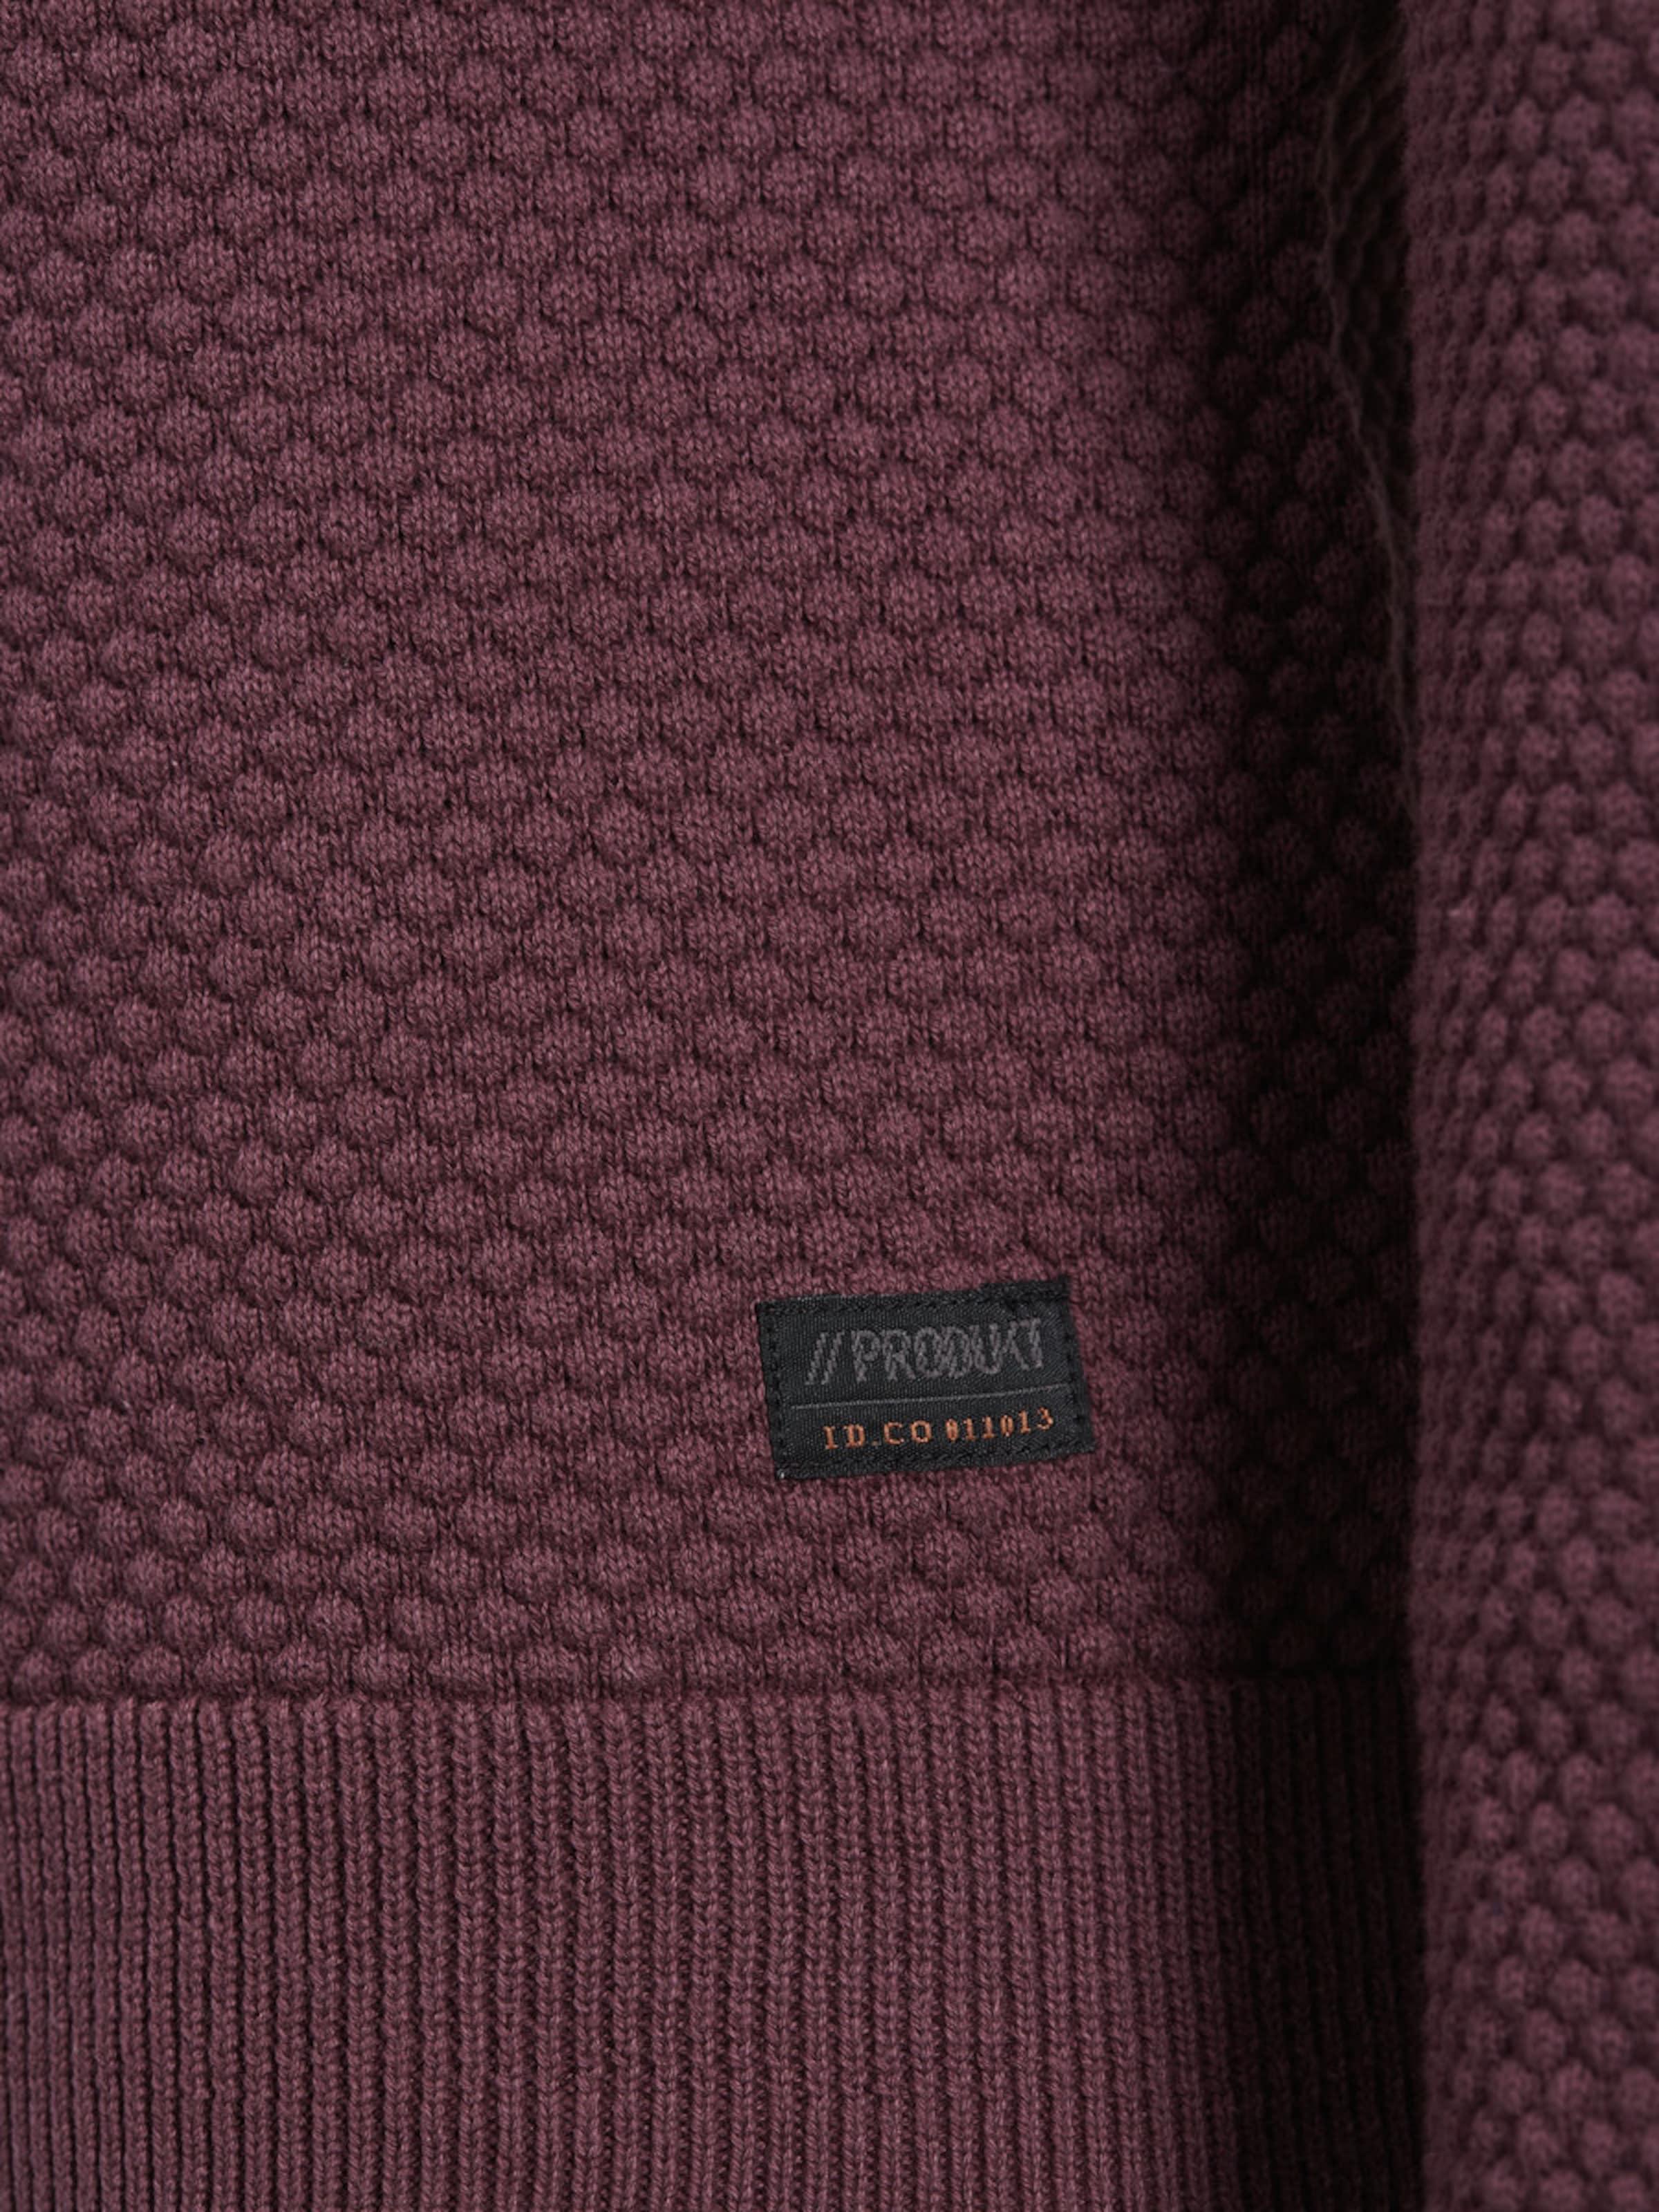 Produkt Rundhalsausschnitt-Strickpullover Modestil yCtsr5mR